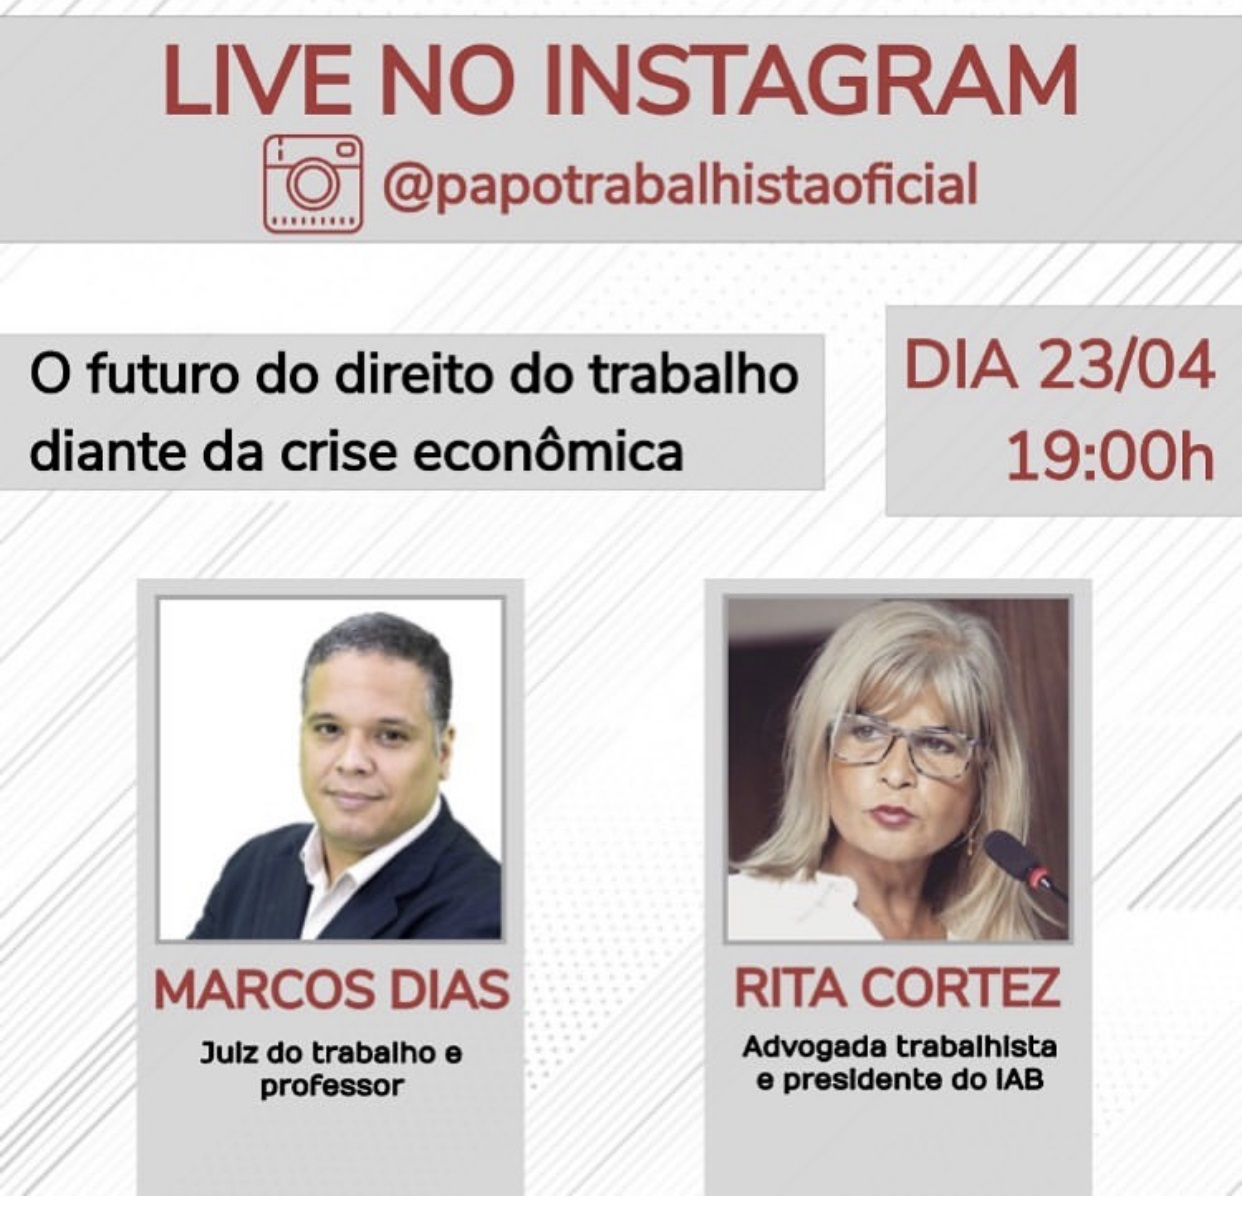 """Rita Cortez faz live no Instagram sobre """"O futuro do direito do trabalho diante da crise econômica"""", nesta quinta (23/4)"""